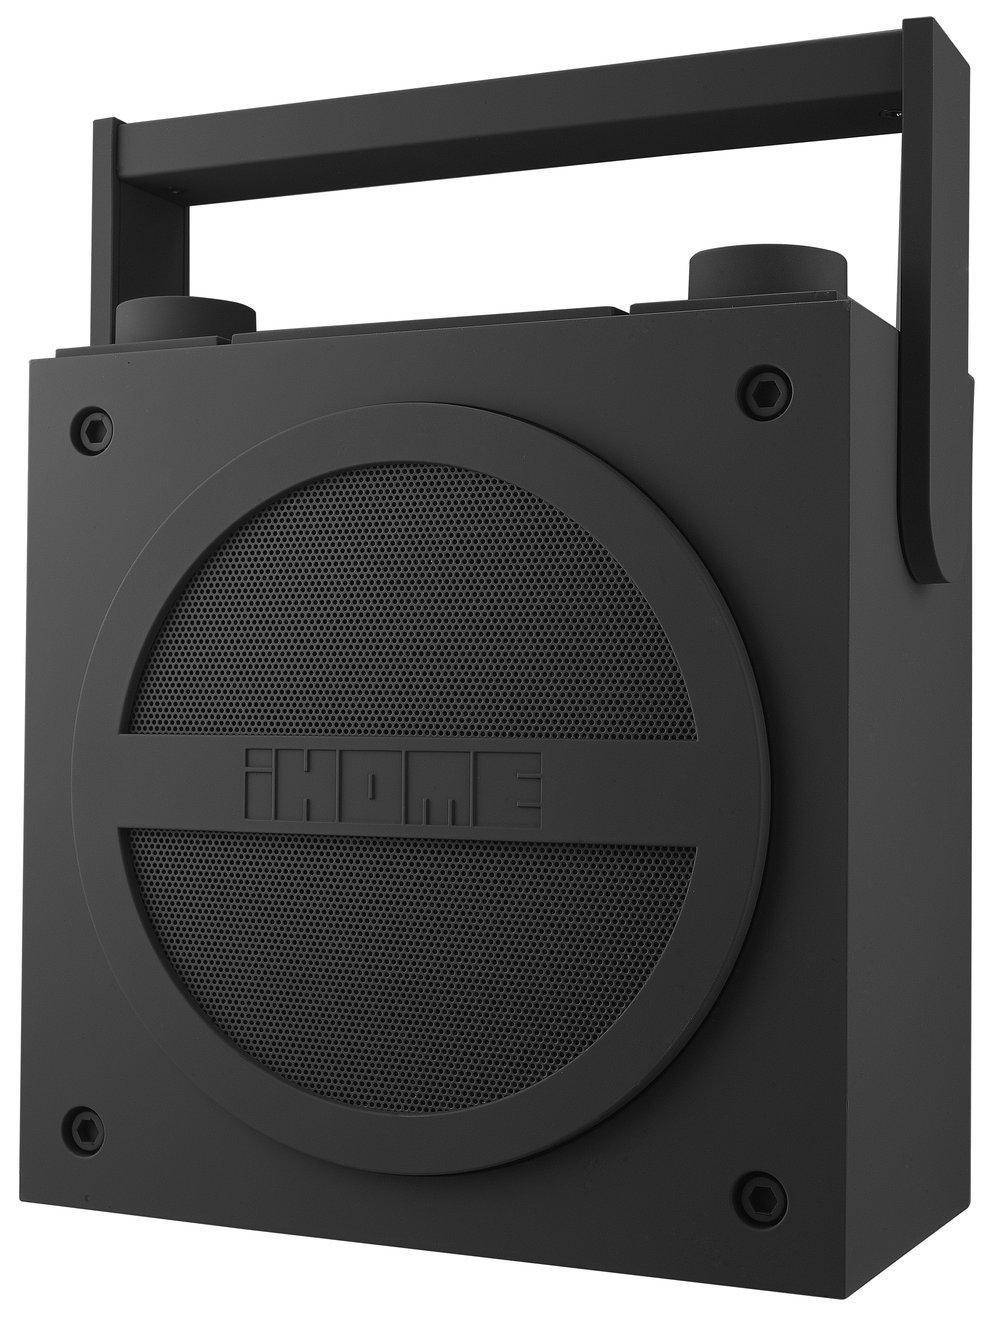 b ware ihome ibt4 bluetooth boombox fm radio wiederaufladbar gummiert grau ebay. Black Bedroom Furniture Sets. Home Design Ideas